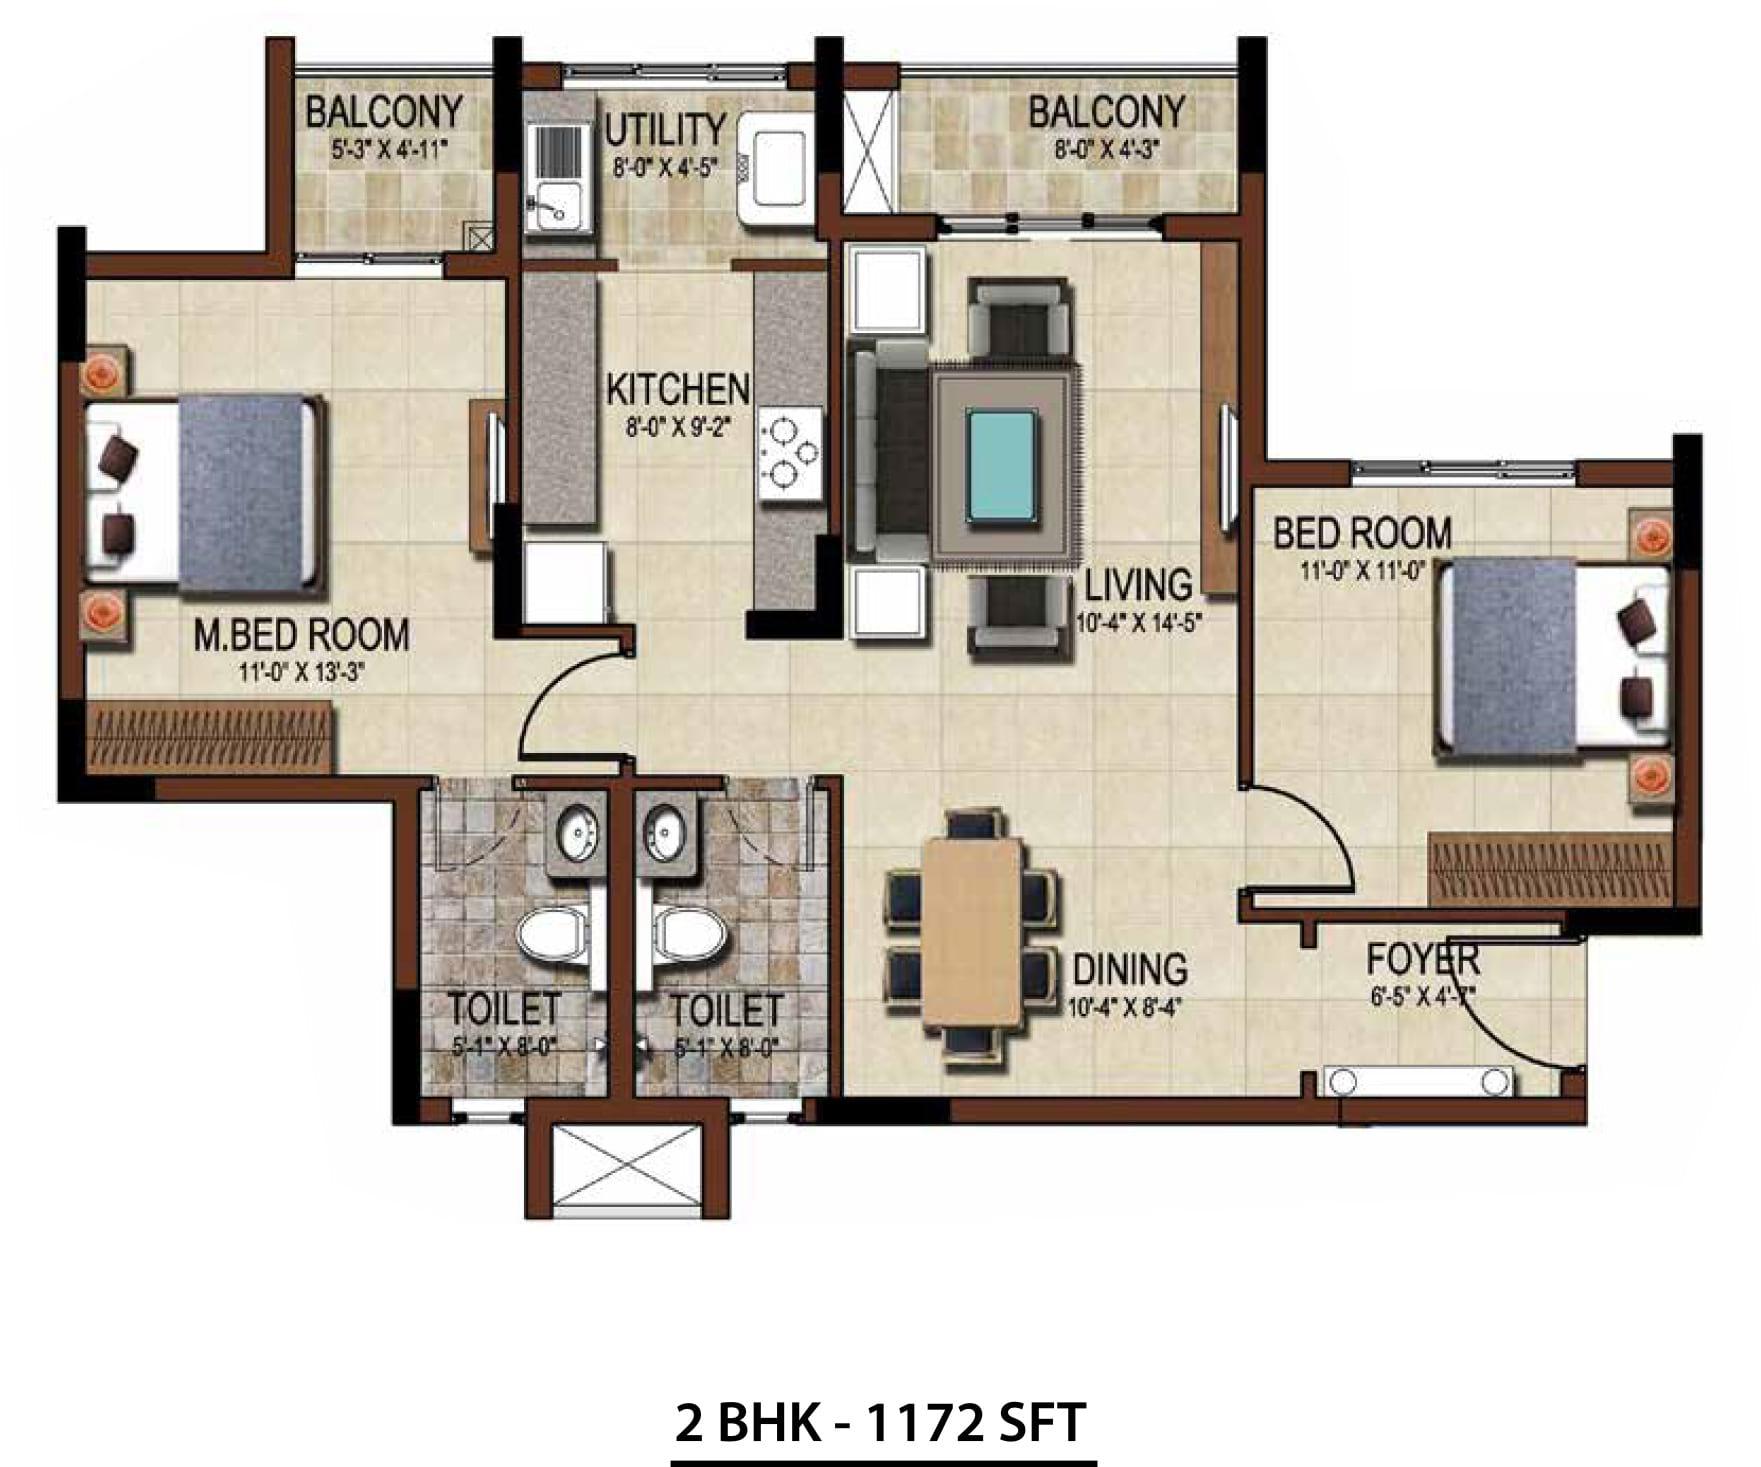 Salarpuria-Sattva-East-2bhk-1172-FloorPlan